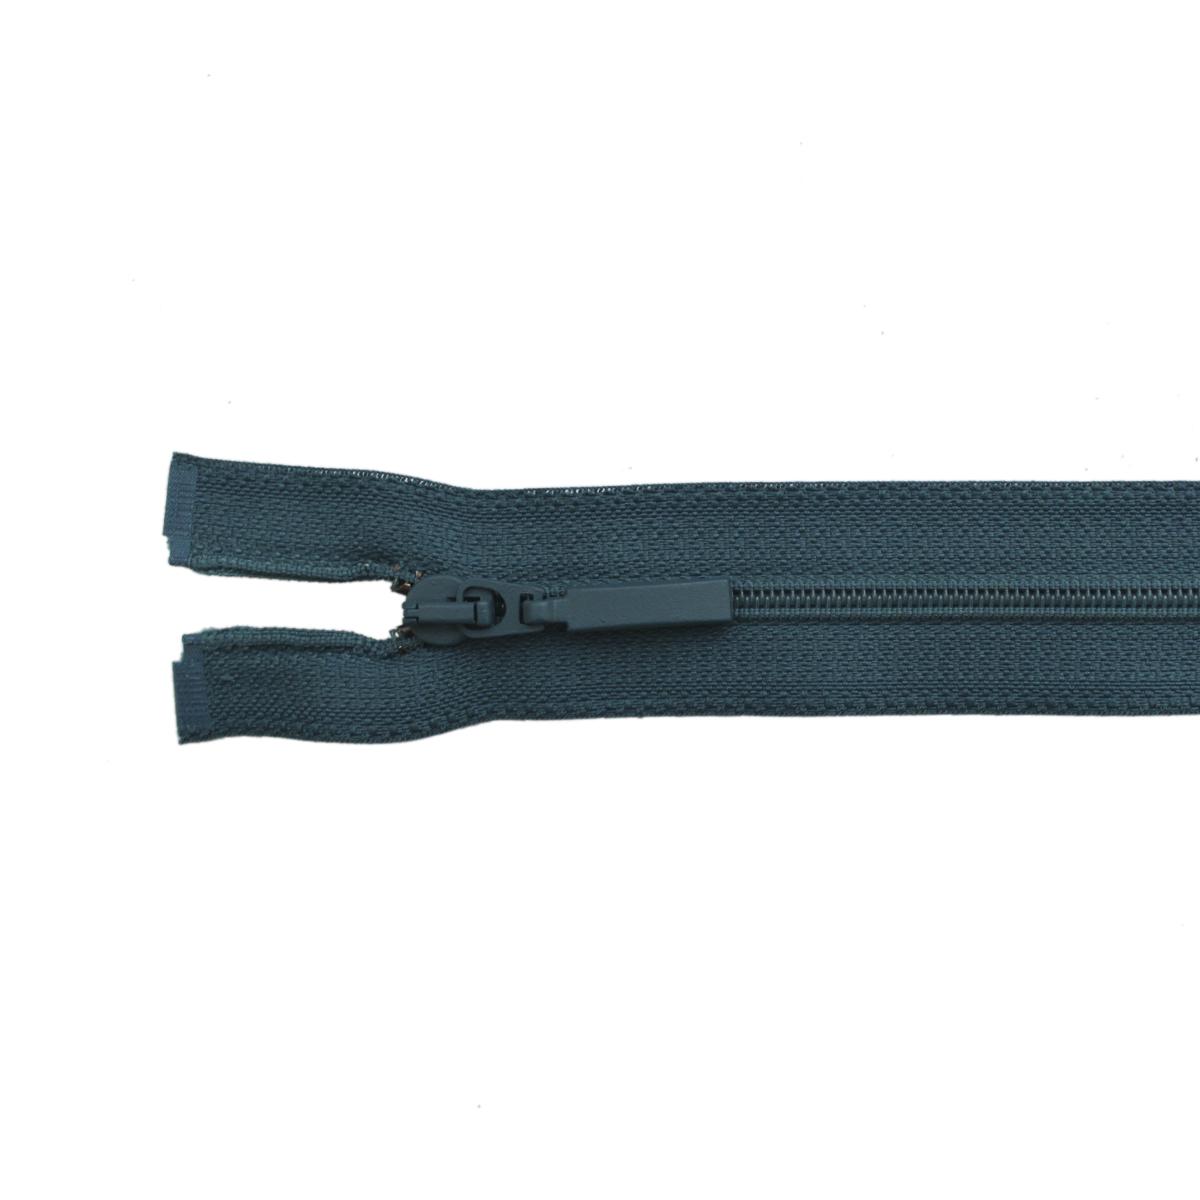 Застежка-молния витая Arta-F, цвет: морскаяволна (908), 70 см25370-908Продукция ARTA-F сертифицирована на Российский, Британский и Латвийский стандарт. Фурнитура ARTA-F изготавливается из европейских материалов, на современном оборудовании, в соответствии с высокими требованиями стандартов. Вся продукция фабрики проходит тесты на качество.Звено застежки-молнии Экстра имеет боковые приливы, которые исключают контакт замка с текстильной лентой, а сокращенный до минимума зазор между замком и приливами звена предохраняет от возможности попадания в замок подкладки, меха, нитей. В то же время эти меры повышают прочность застежки при высоких нагрузках, особенно на изгиб. Применение таких приливов на молниях ARTA-F не только повышает эксплуатационные качества застежки, но и увеличивает прочность крепления звена к ленте, и продлевает срок службы застежек-молний ARTA-F. Такая застежка-молния безопасна, легка в использовании и не повредит одежду.